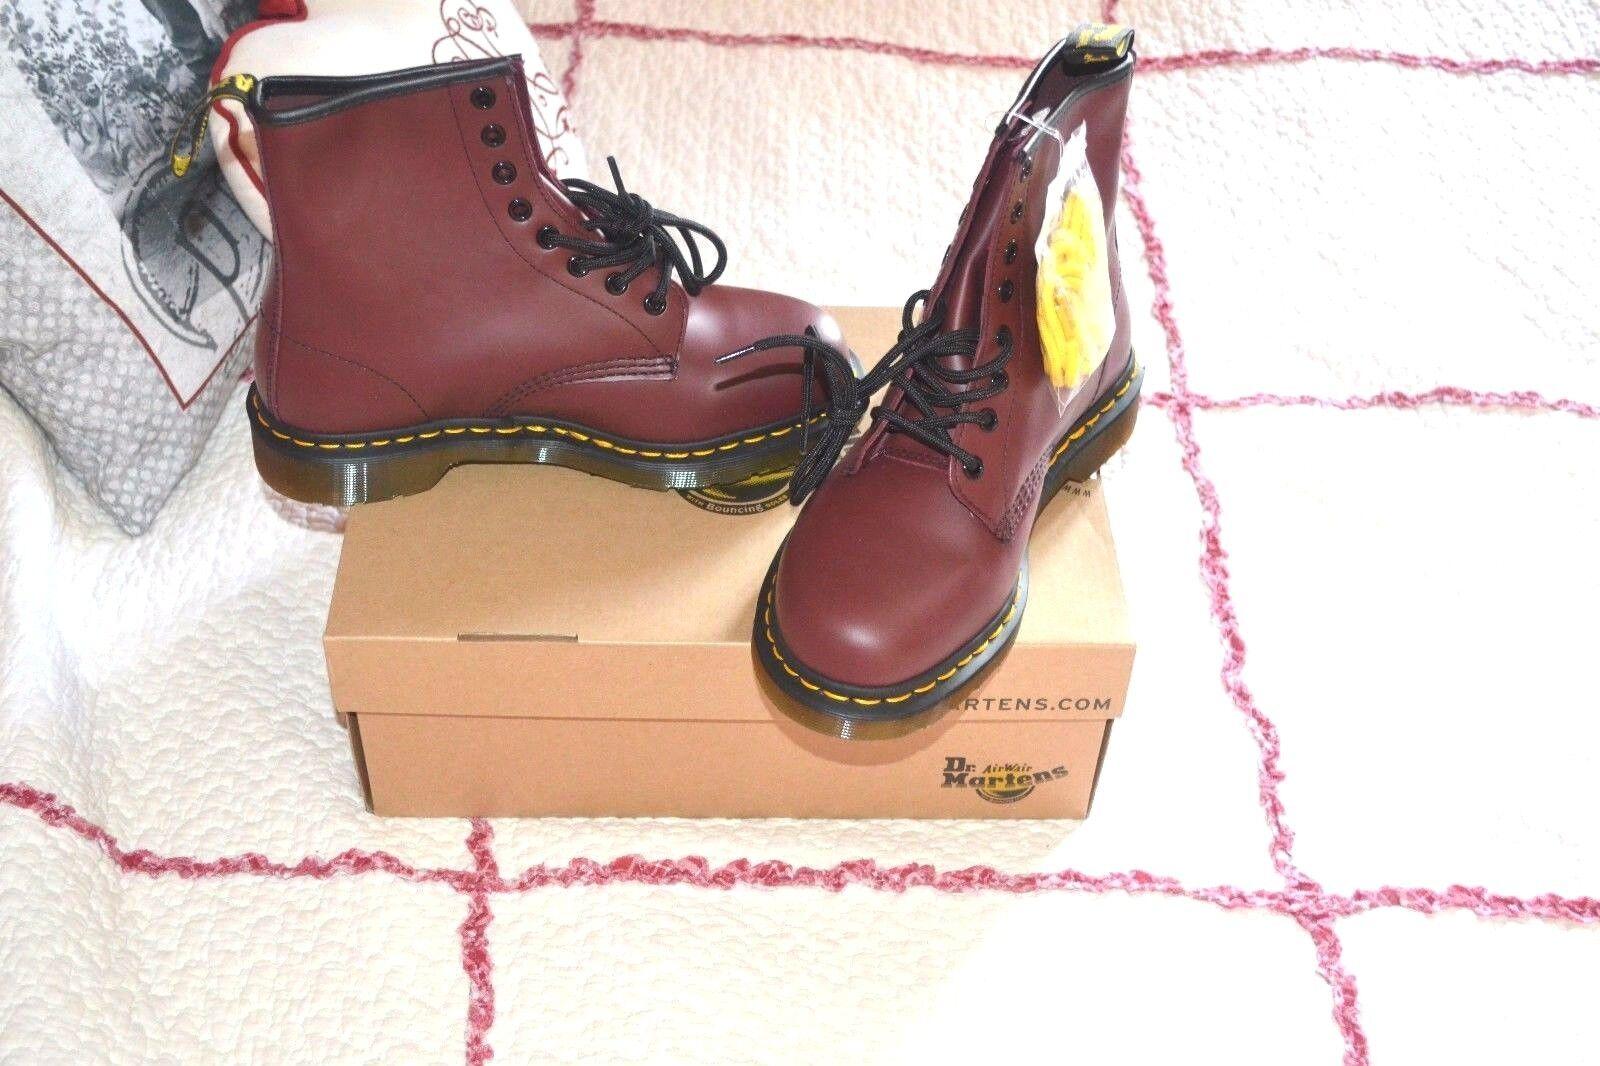 Chaussure neuve dr martens 39 tout cuir rouge rouge rouge sublime  mondial possible 8c9622